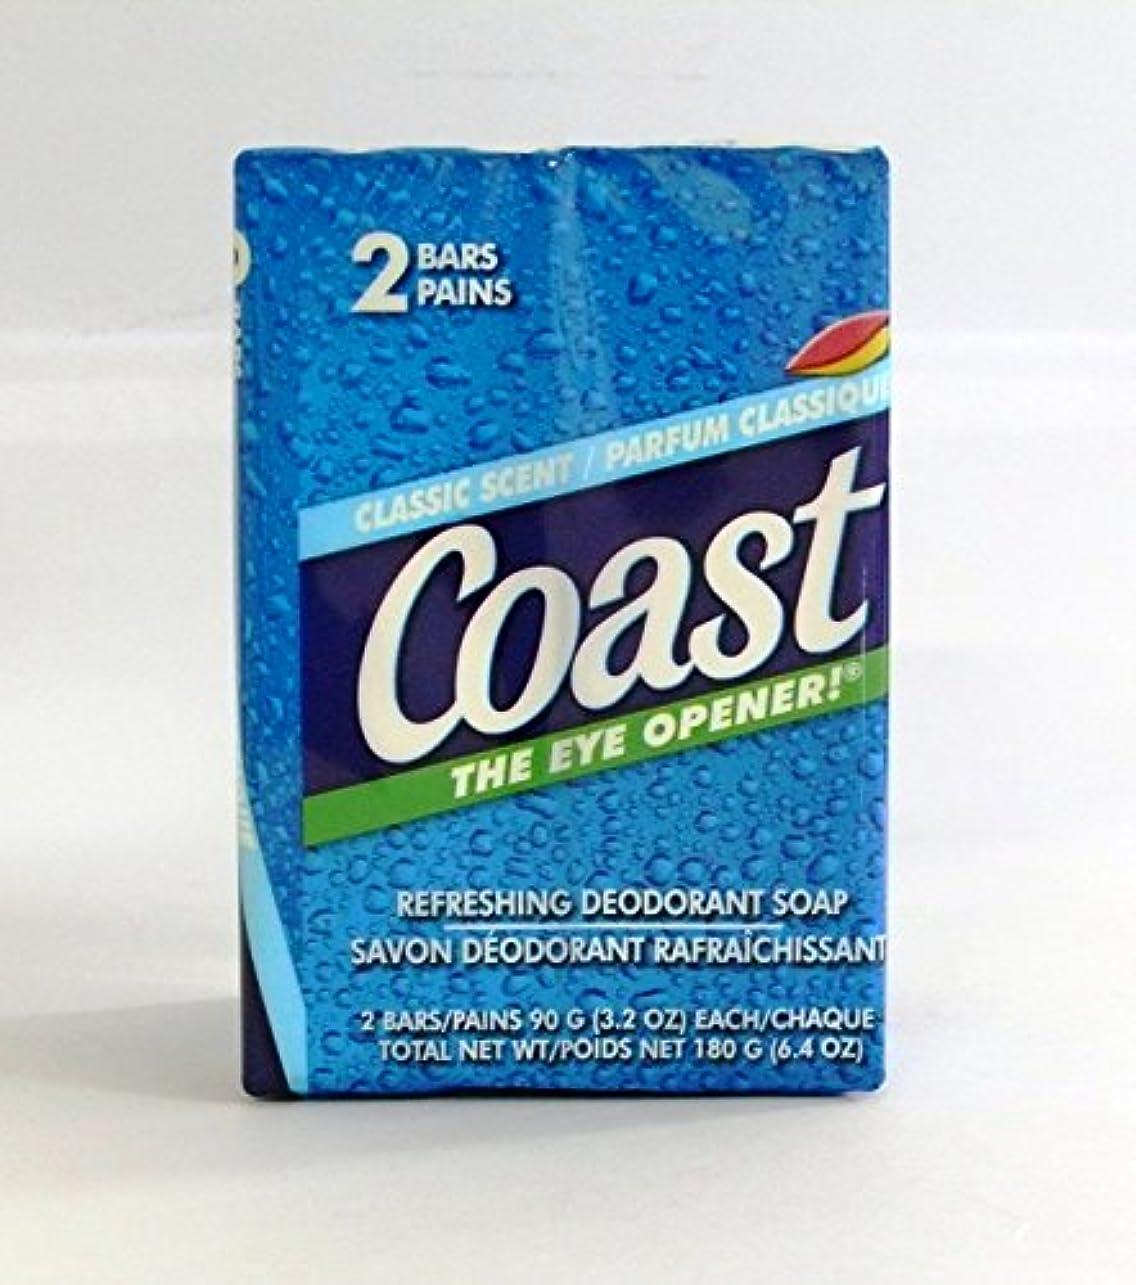 会話型熟す工業化するコースト 固形石鹸 クラシックセント 90g 2個入